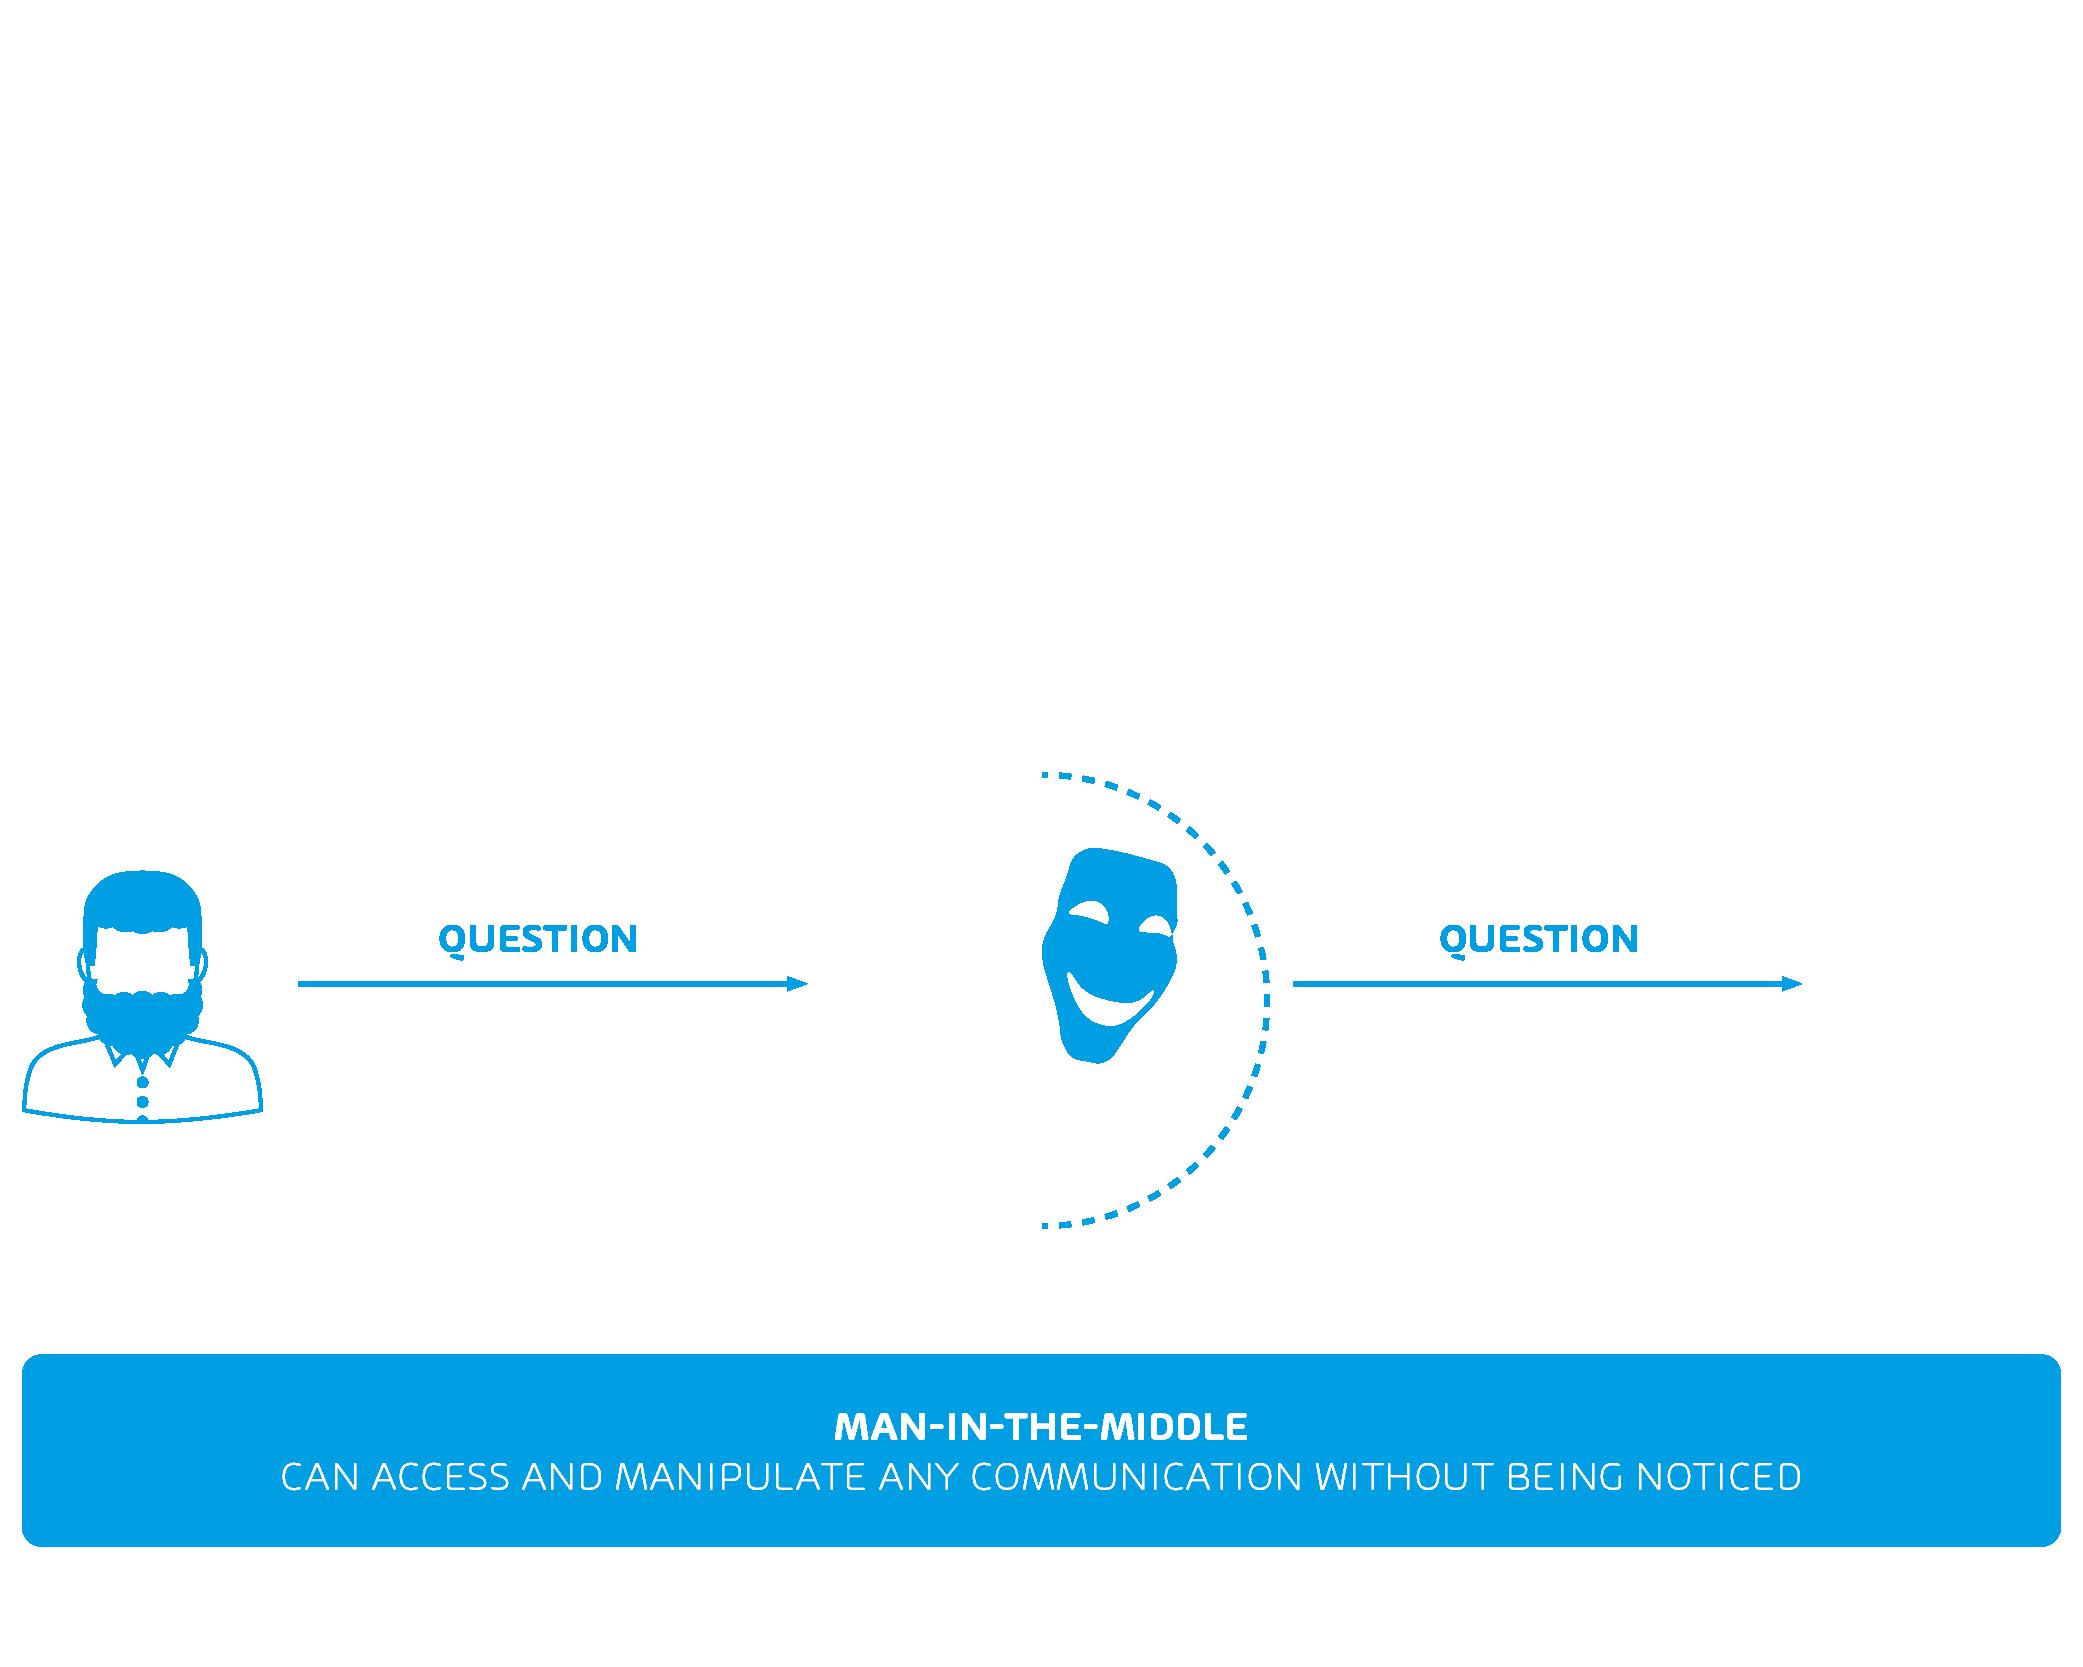 Infografía sobre ataques de Man in the Middle